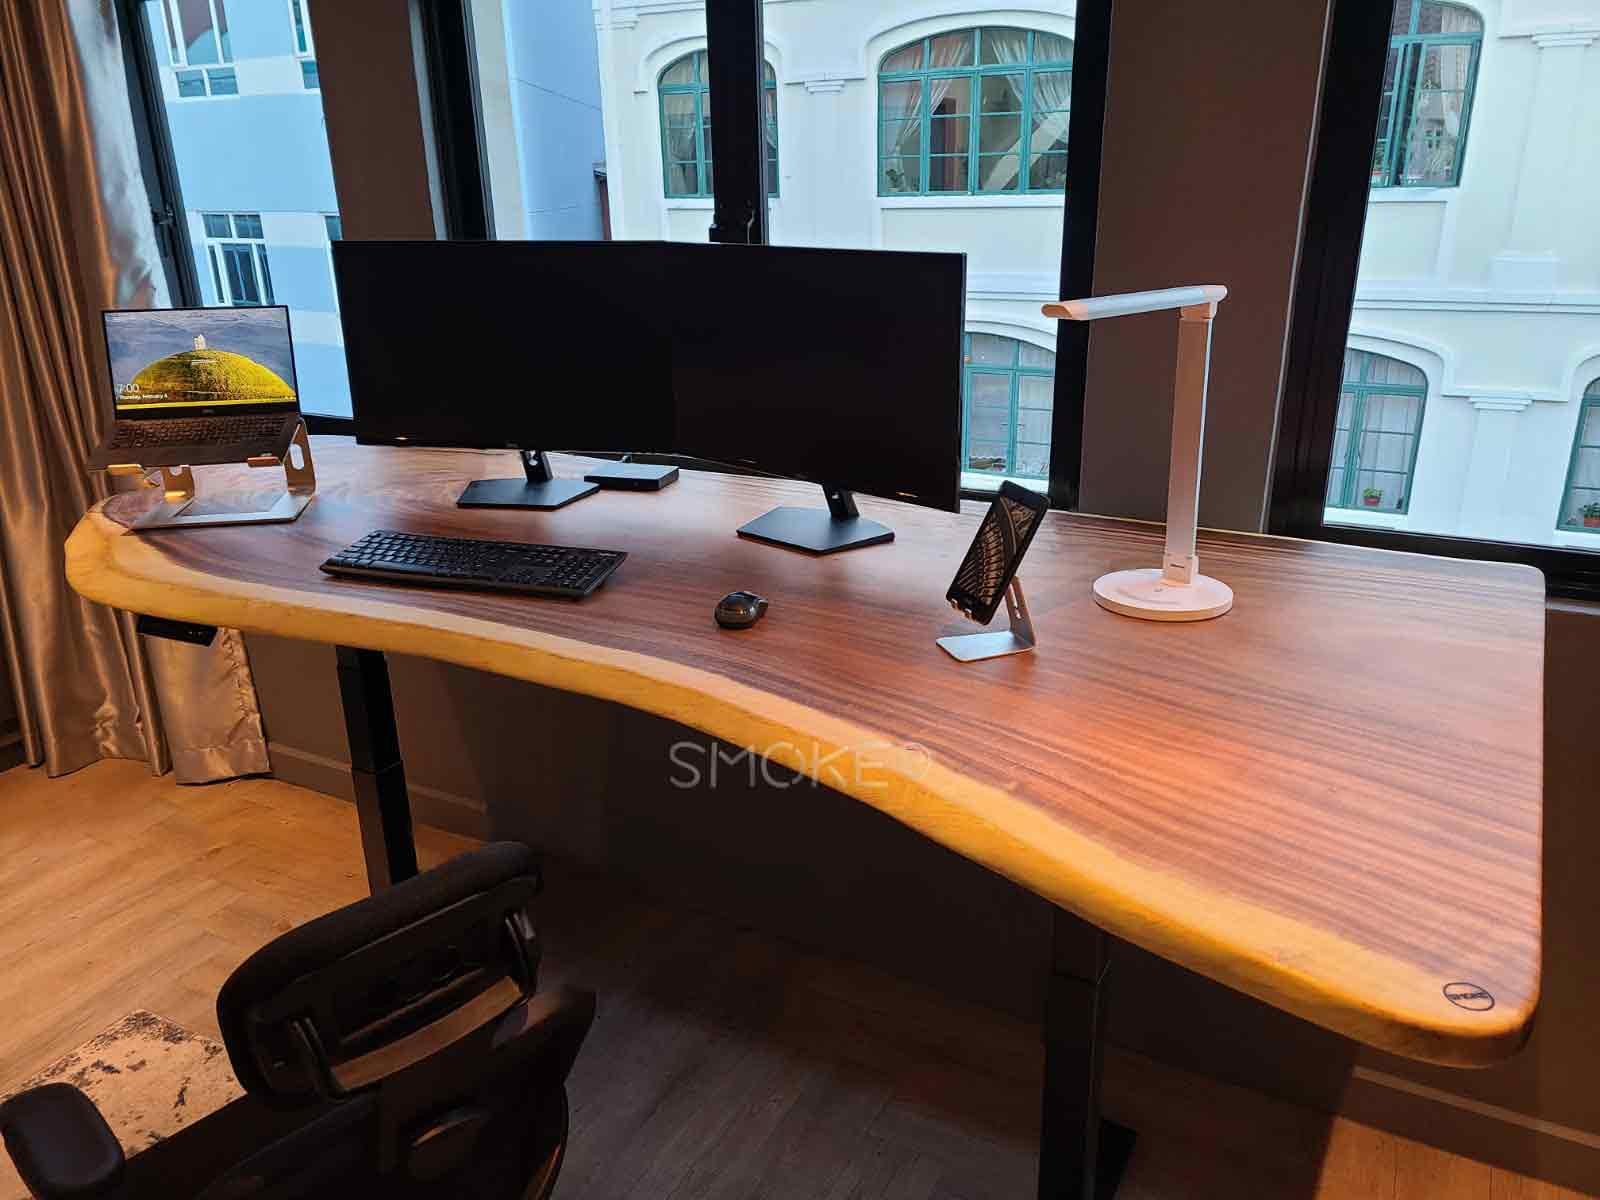 solid wood work desk